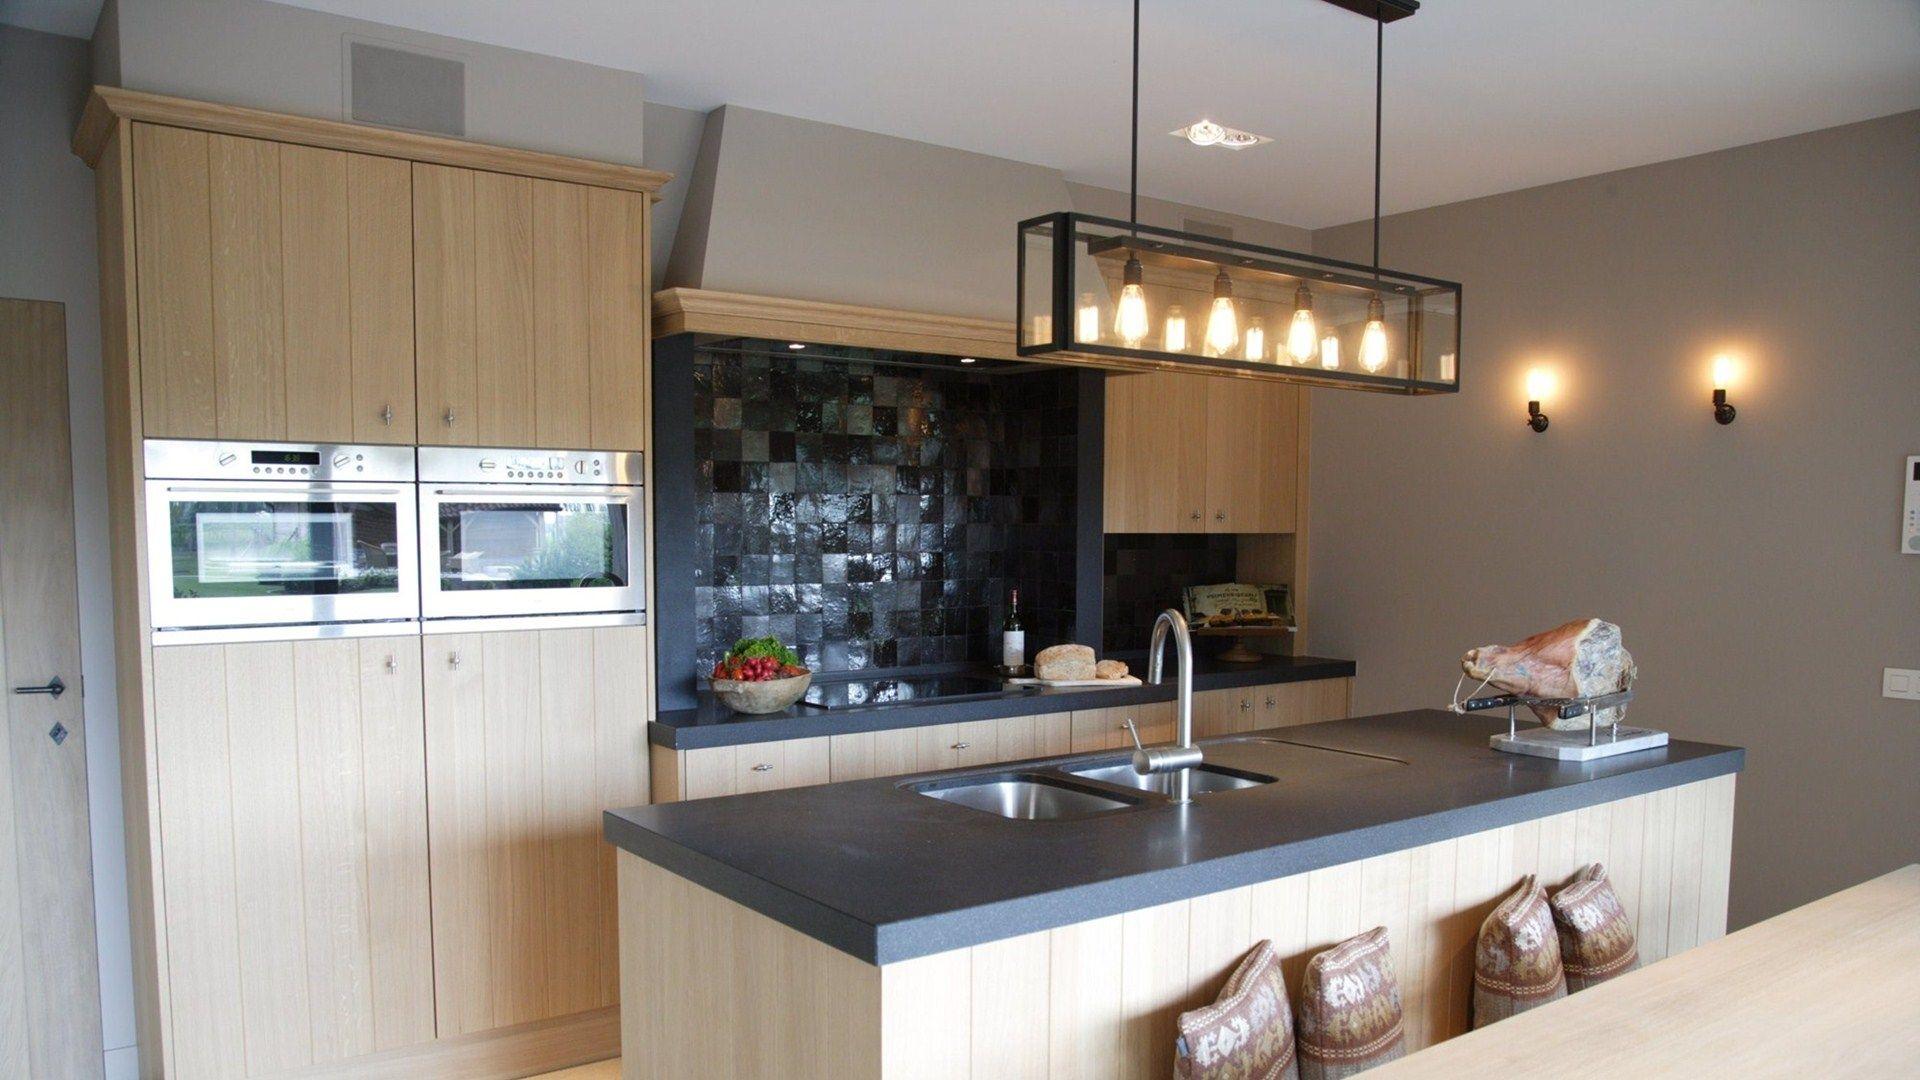 Verlichting keuken eiland | keuken | Pinterest - Keuken en Verlichting